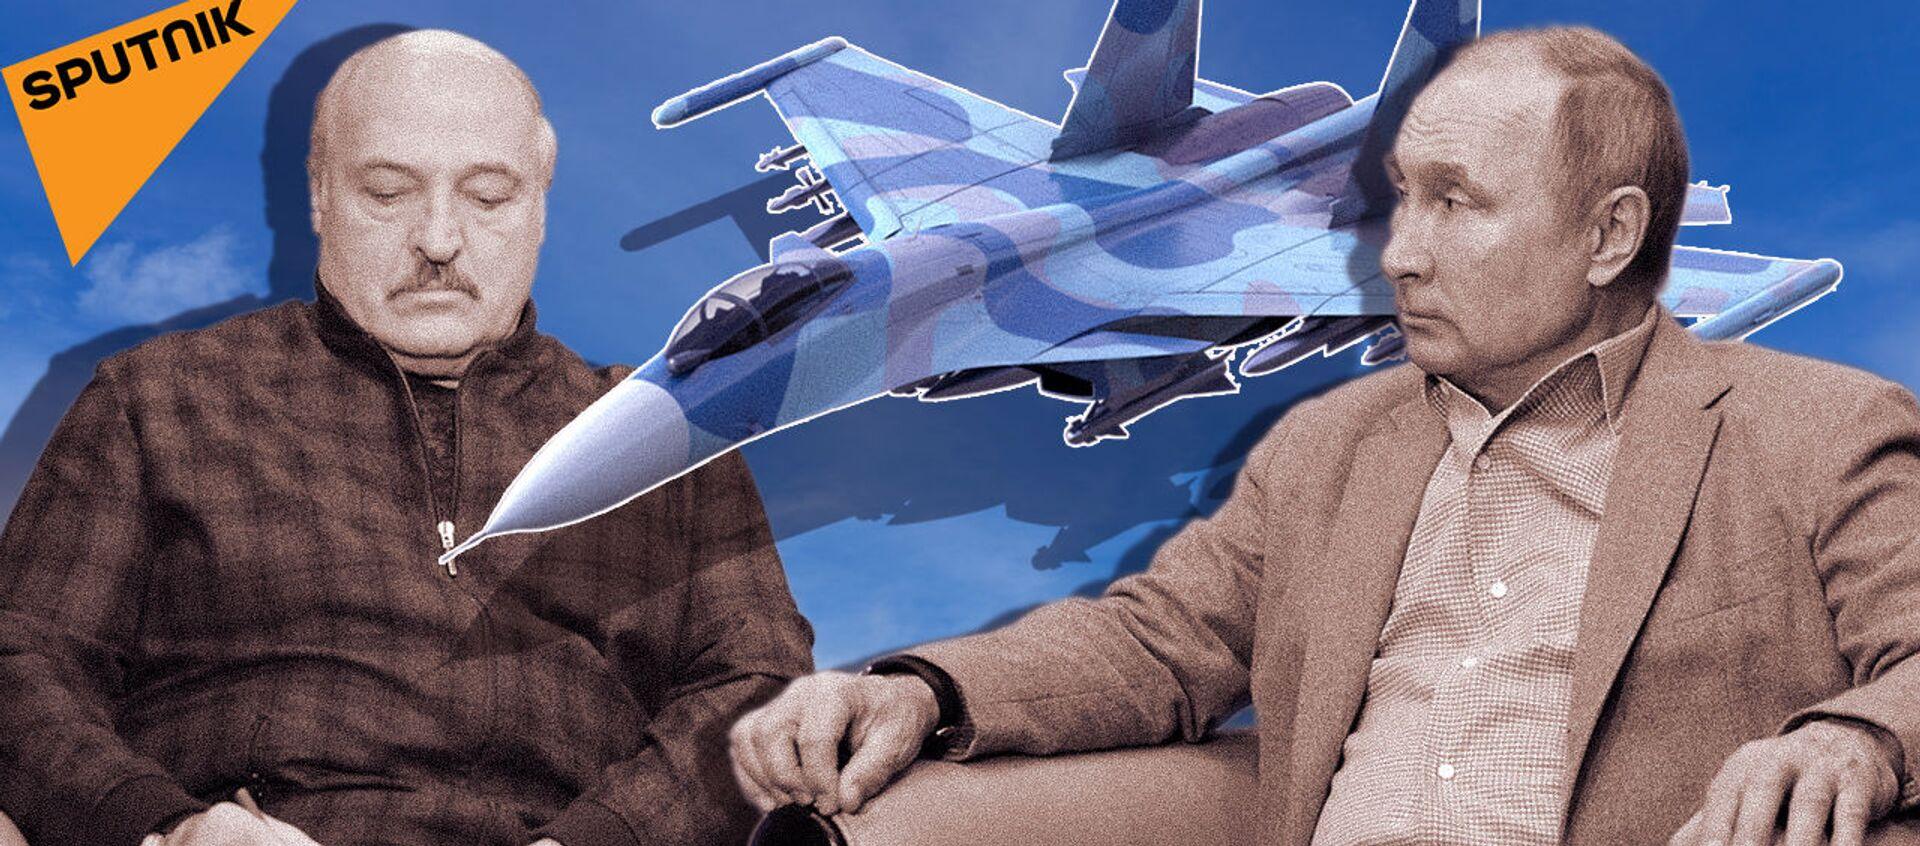 Лукашенко попросил у Путина дополнительные истребители. Зачем ему Су-30СМ? - Sputnik Азербайджан, 1920, 04.03.2021